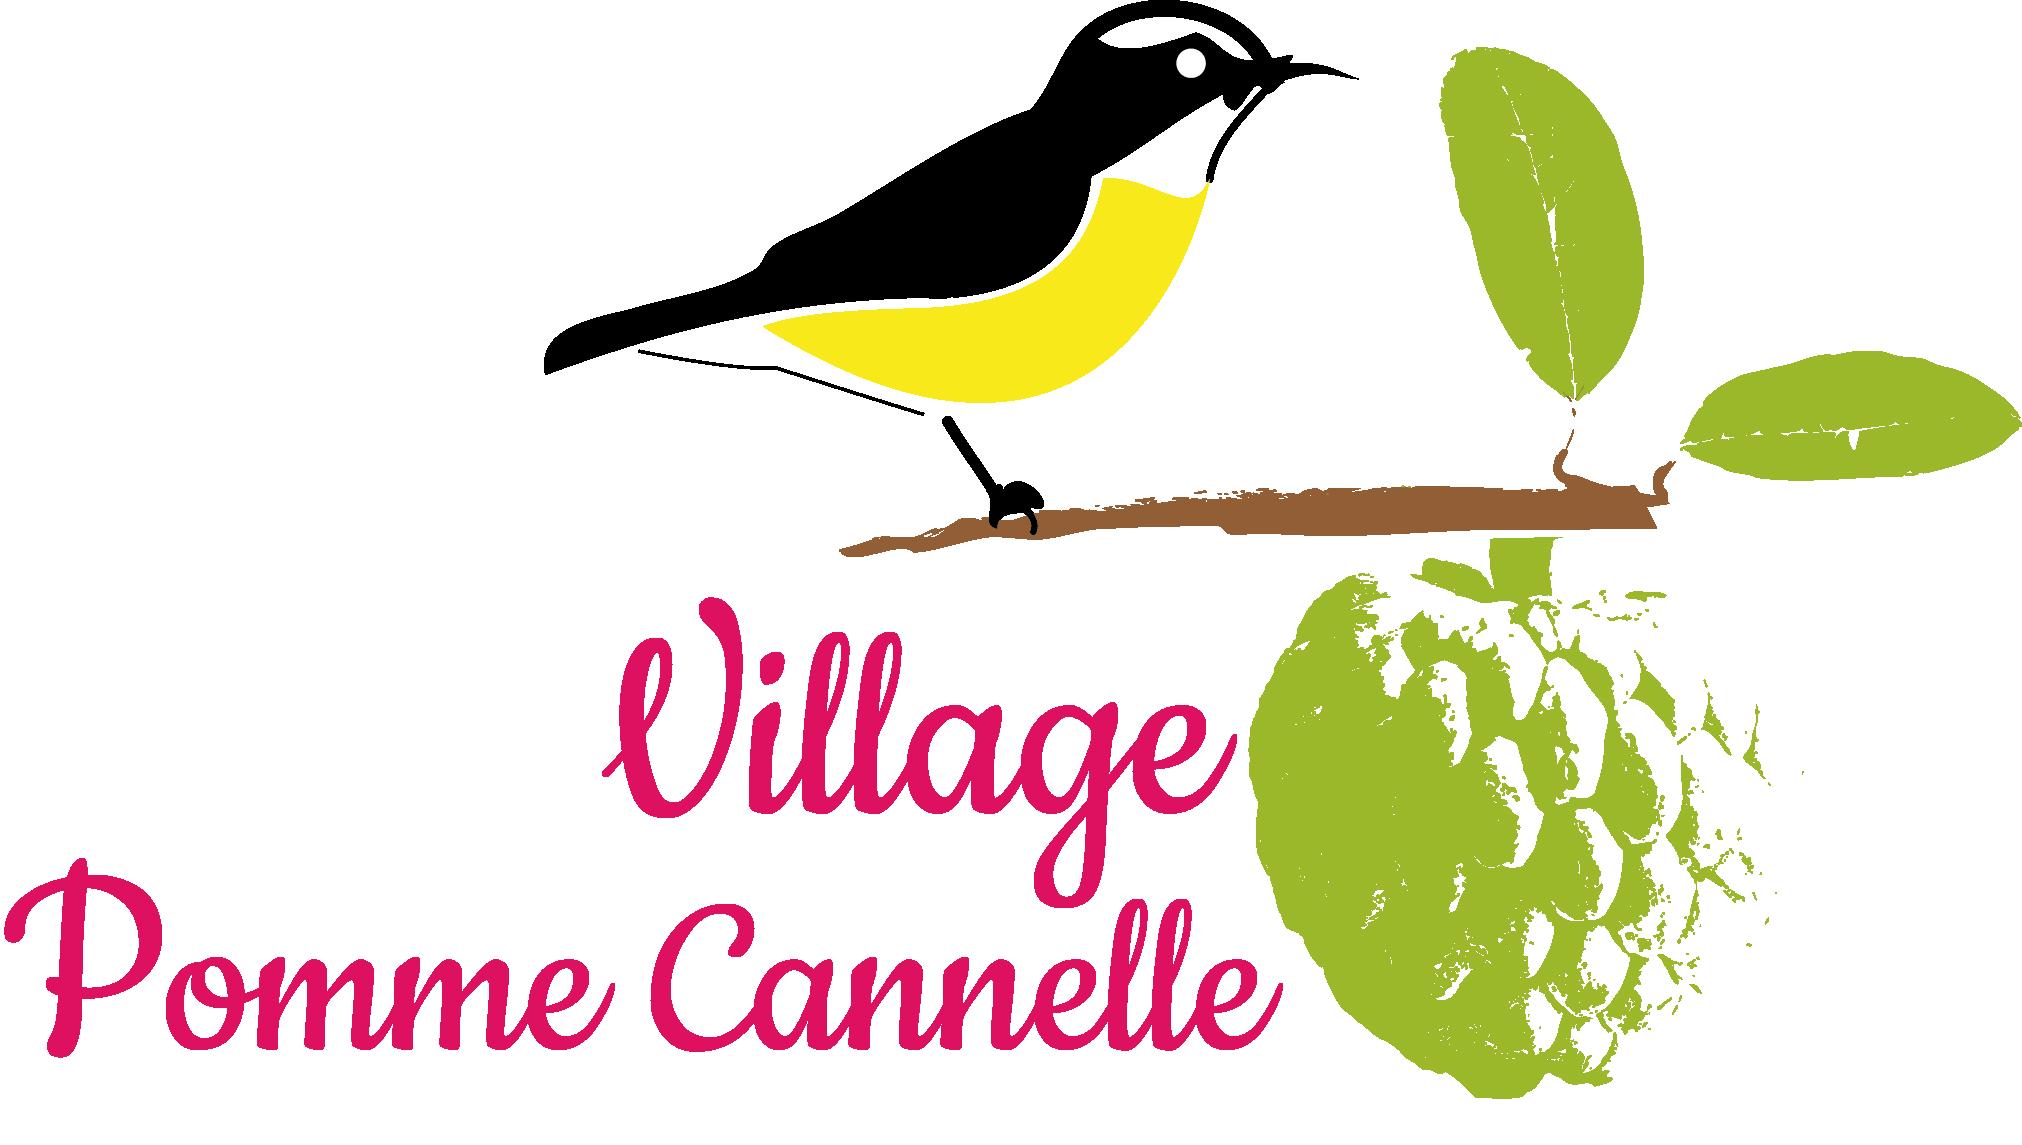 Village Pomme Cannelle.